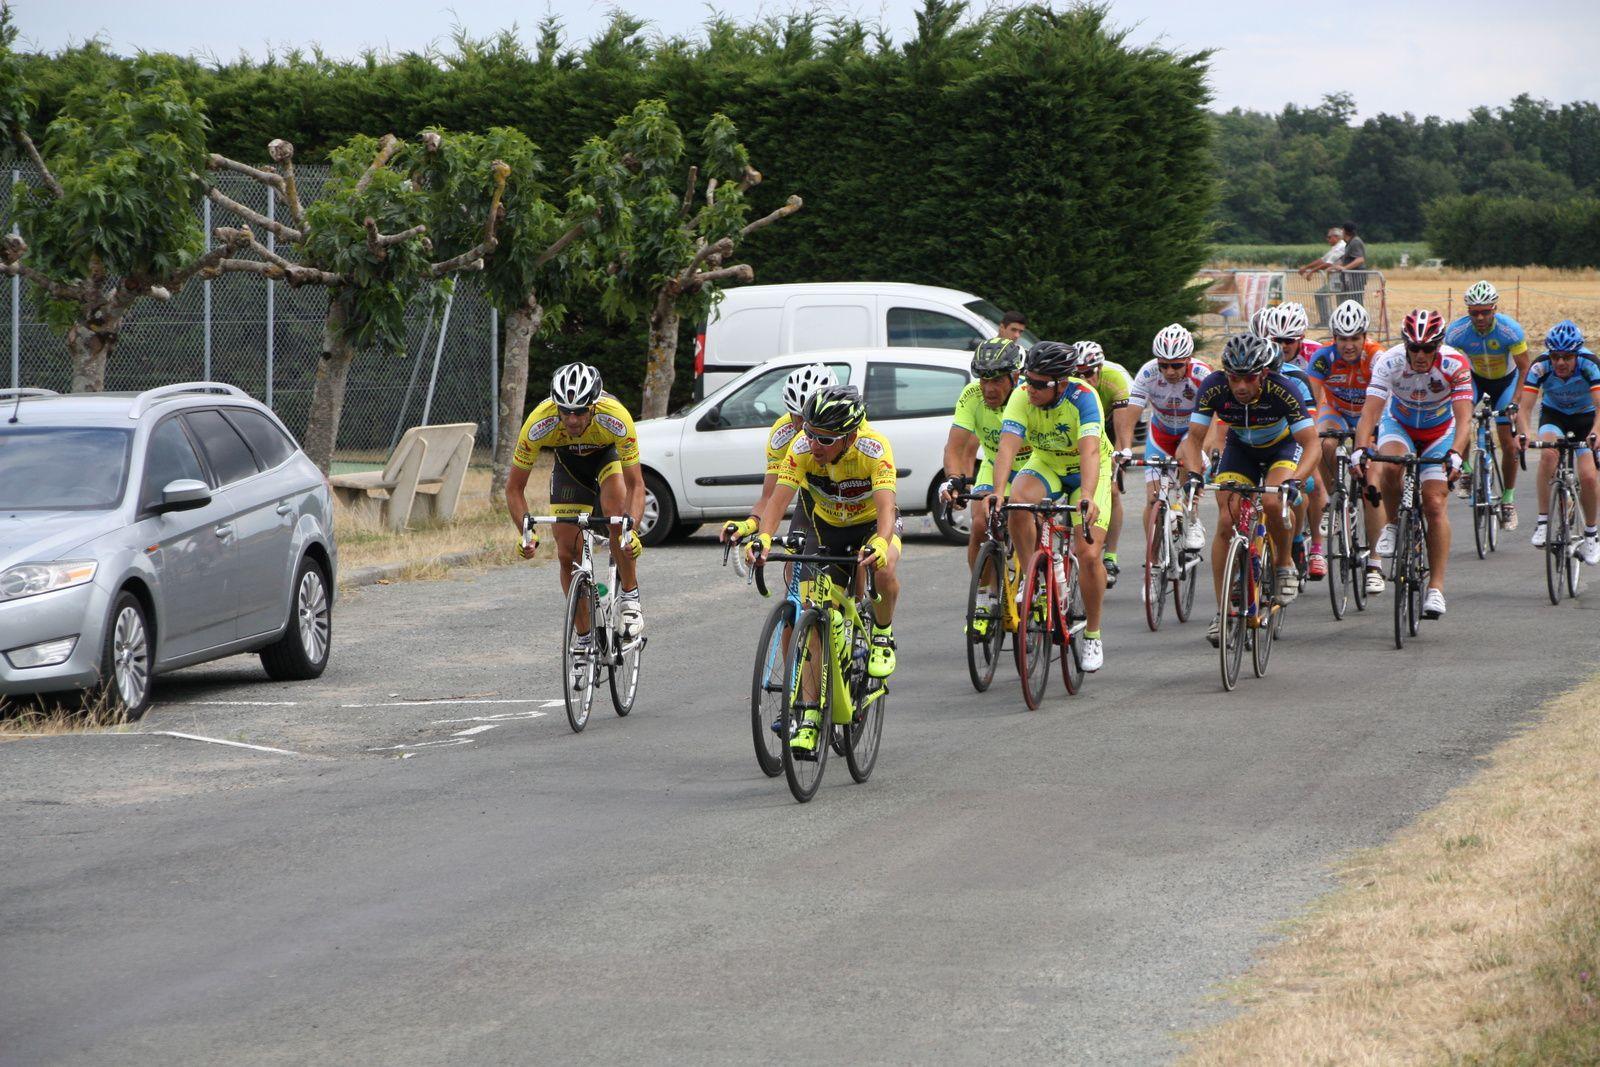 Ils  sont  sortit  à  3  avec  Denis  BENOIT, Christophe  DAVIAUD, le  peloton  est  emmené  par  les  coureurs  du  club  organisateur.